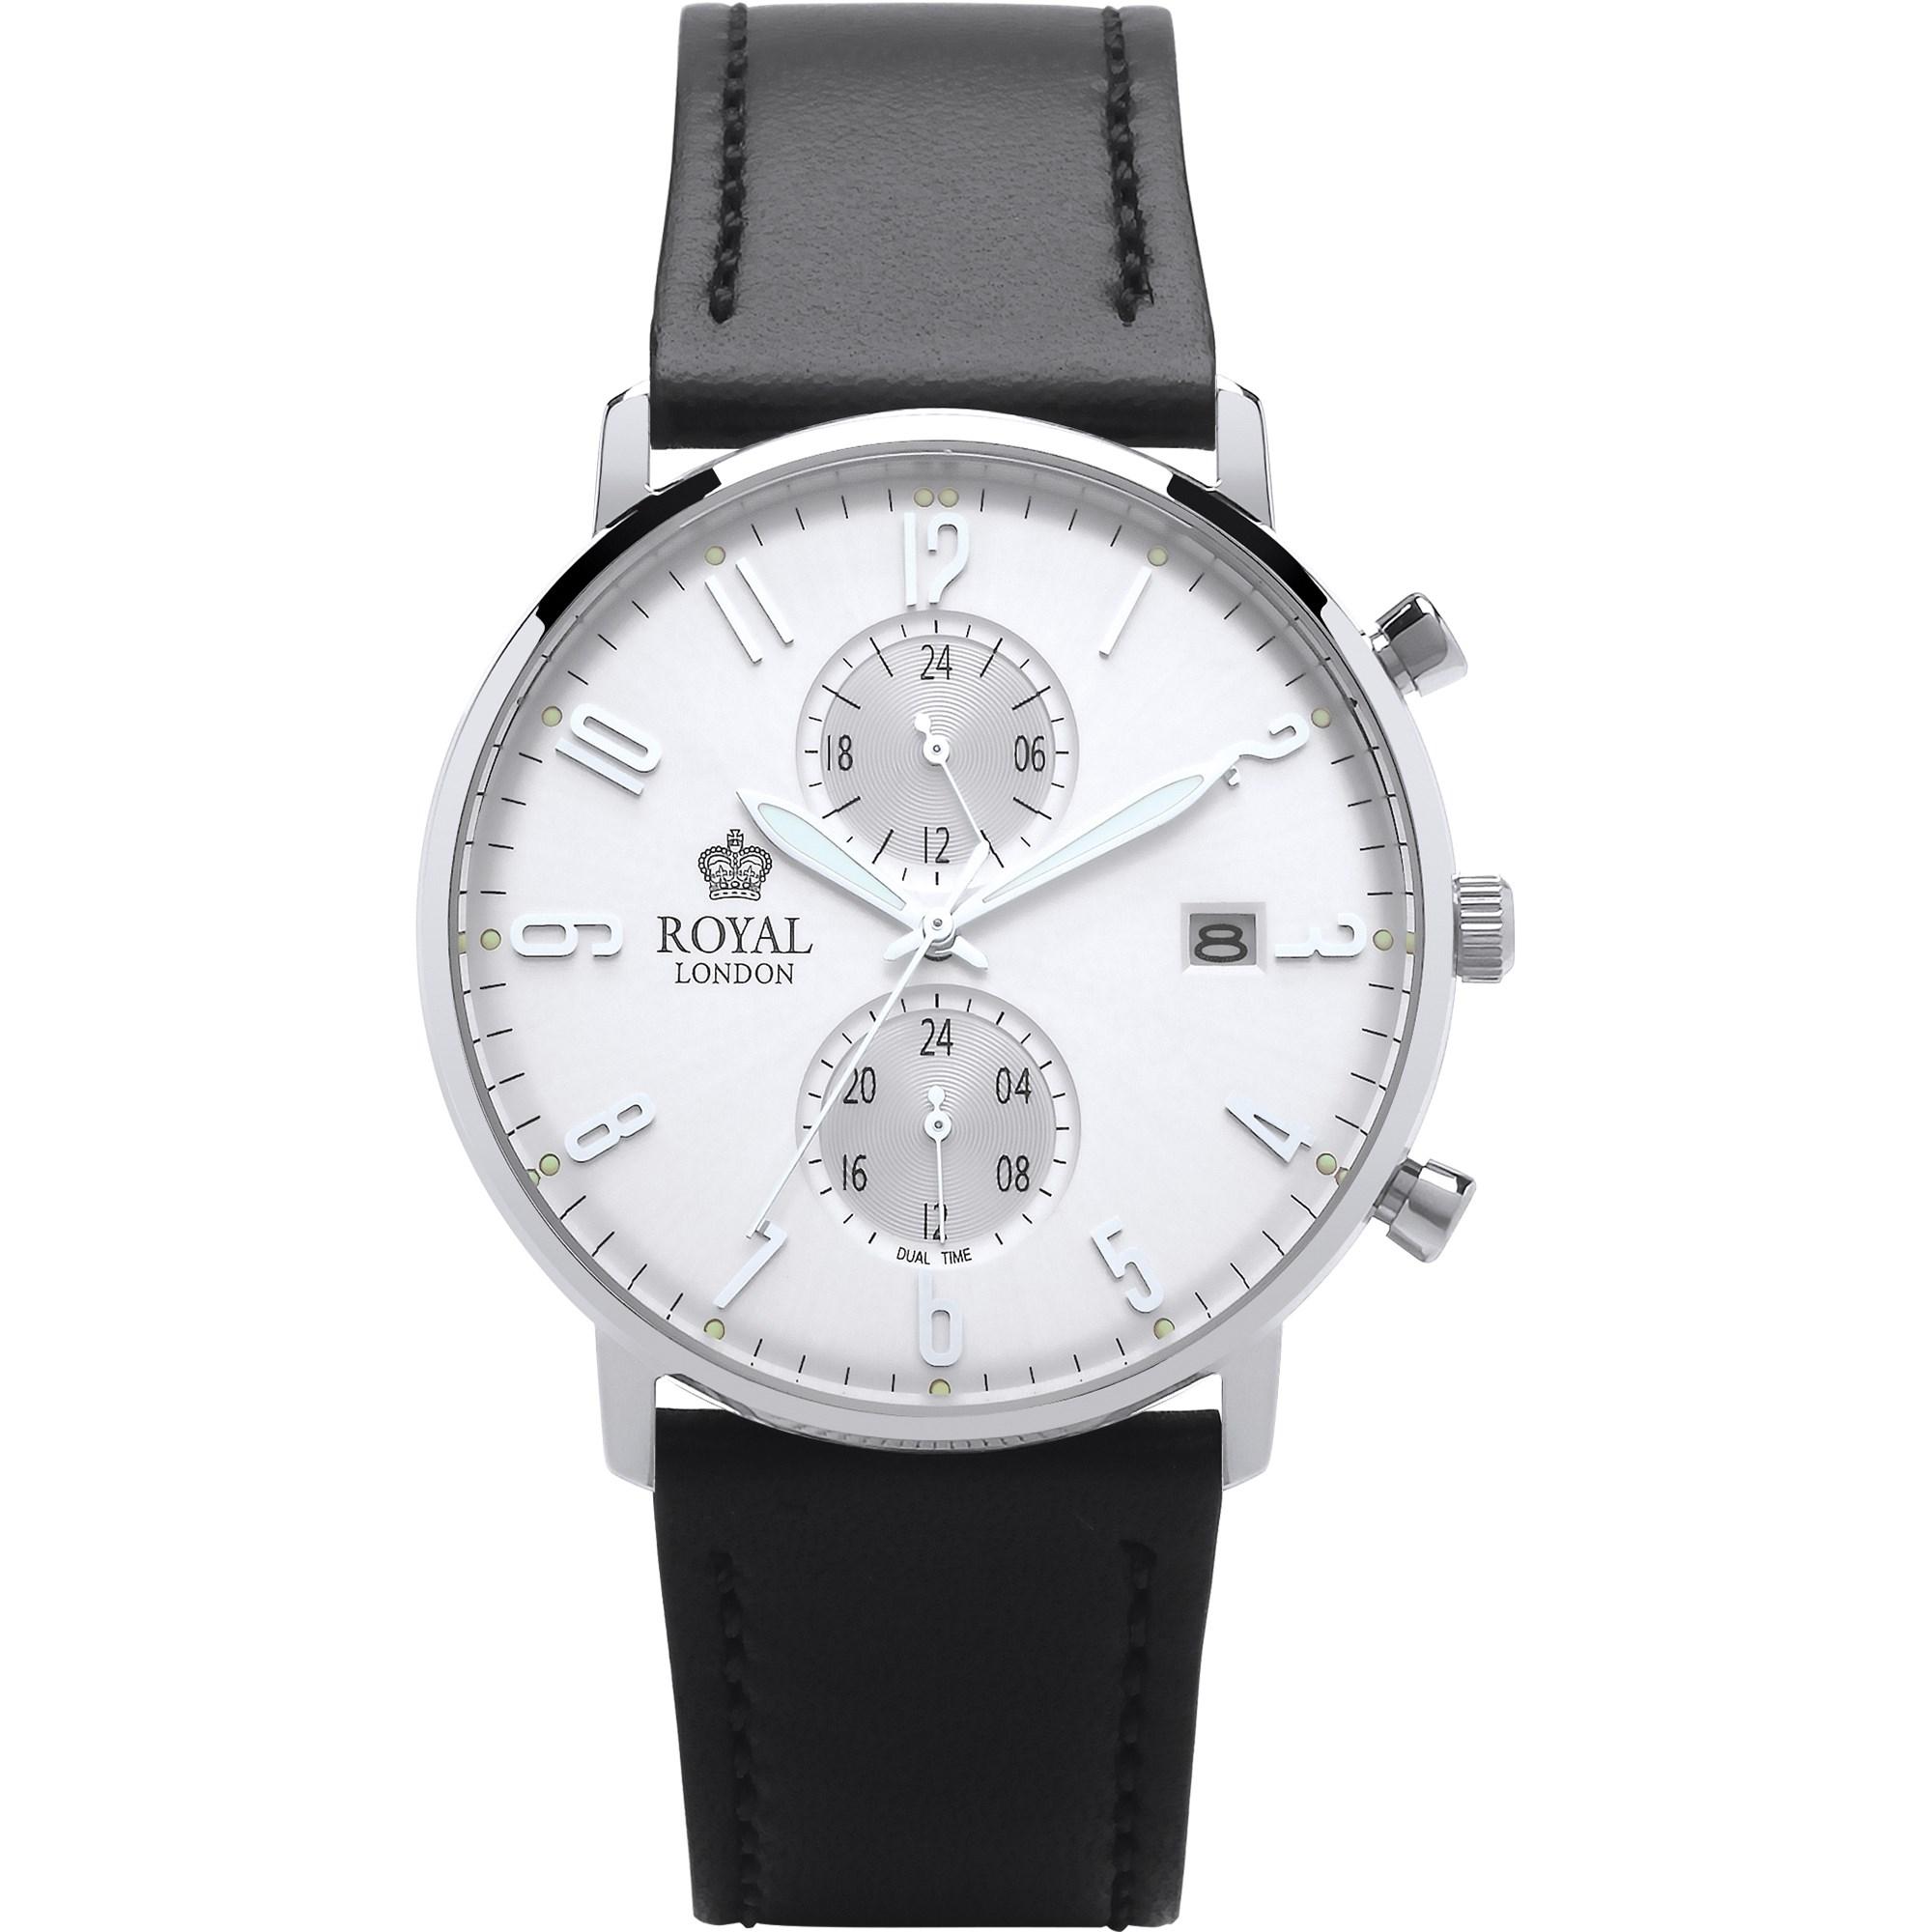 ساعت مچی عقربه ای مردانه رویال لندن مدل RL-41352-01 41